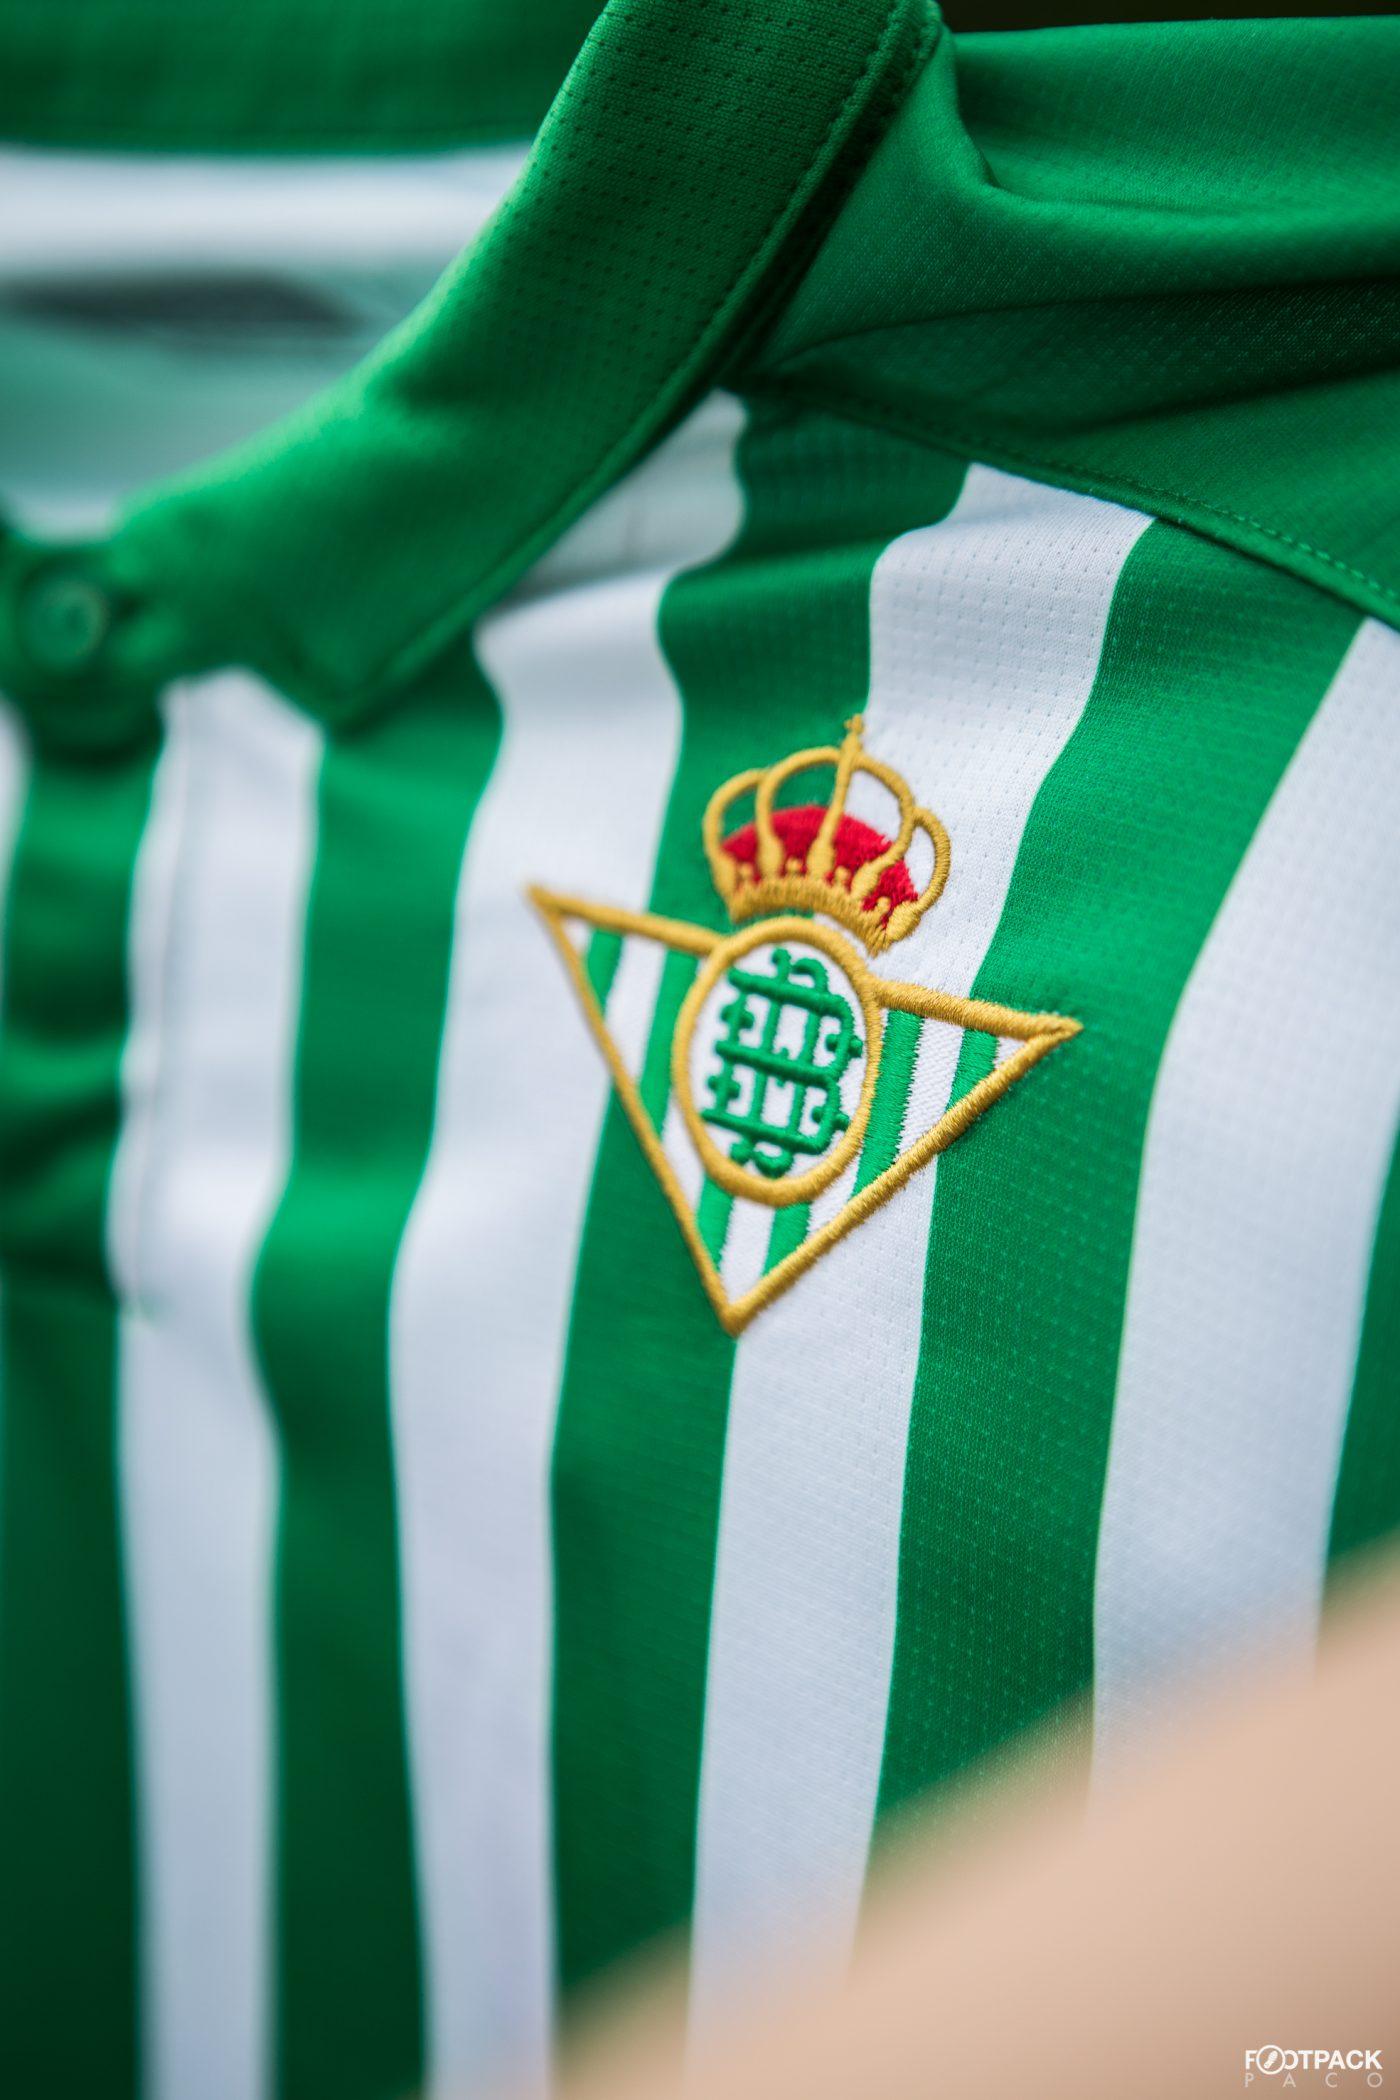 maillot-football-kappa-betis-seville-saison-2019-2020-footpack-mai-2019-5